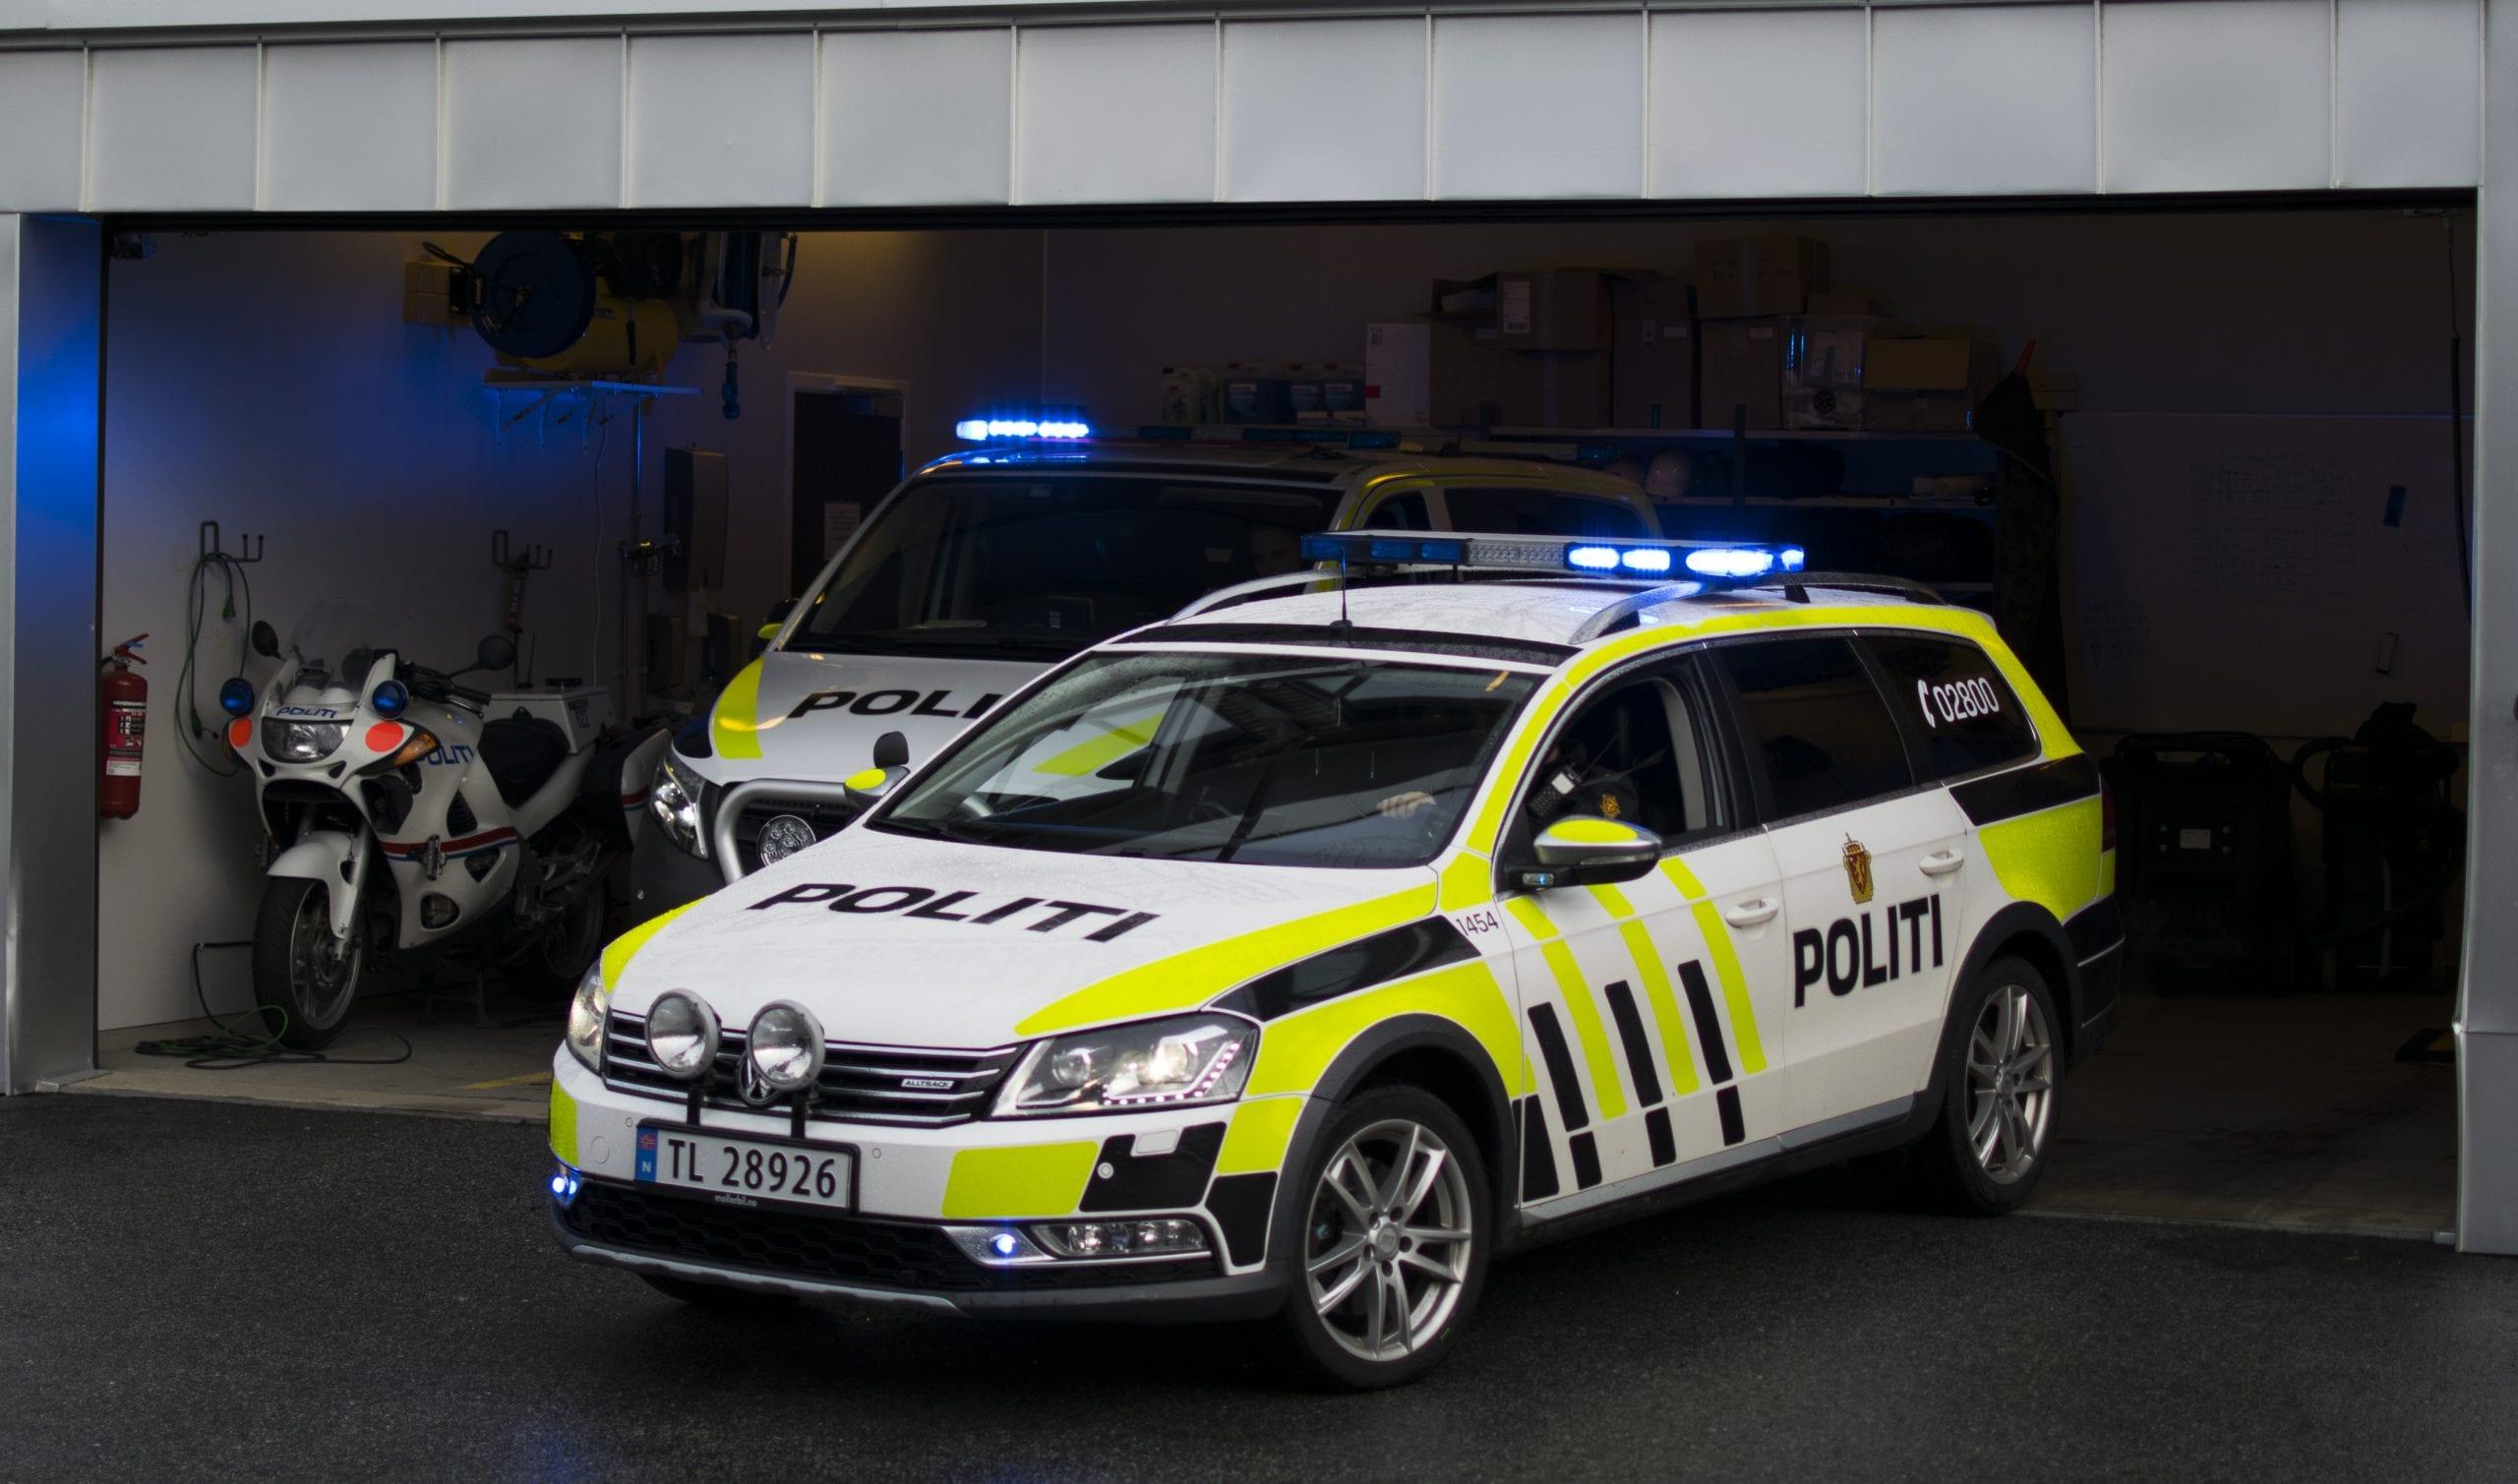 Demonstrasjon av utrykking med blålys, med Stord Lennsmannskontor. Politikonstabler forteller om arbeidet til politi og vekter-elevene. Stord folkehøgskule